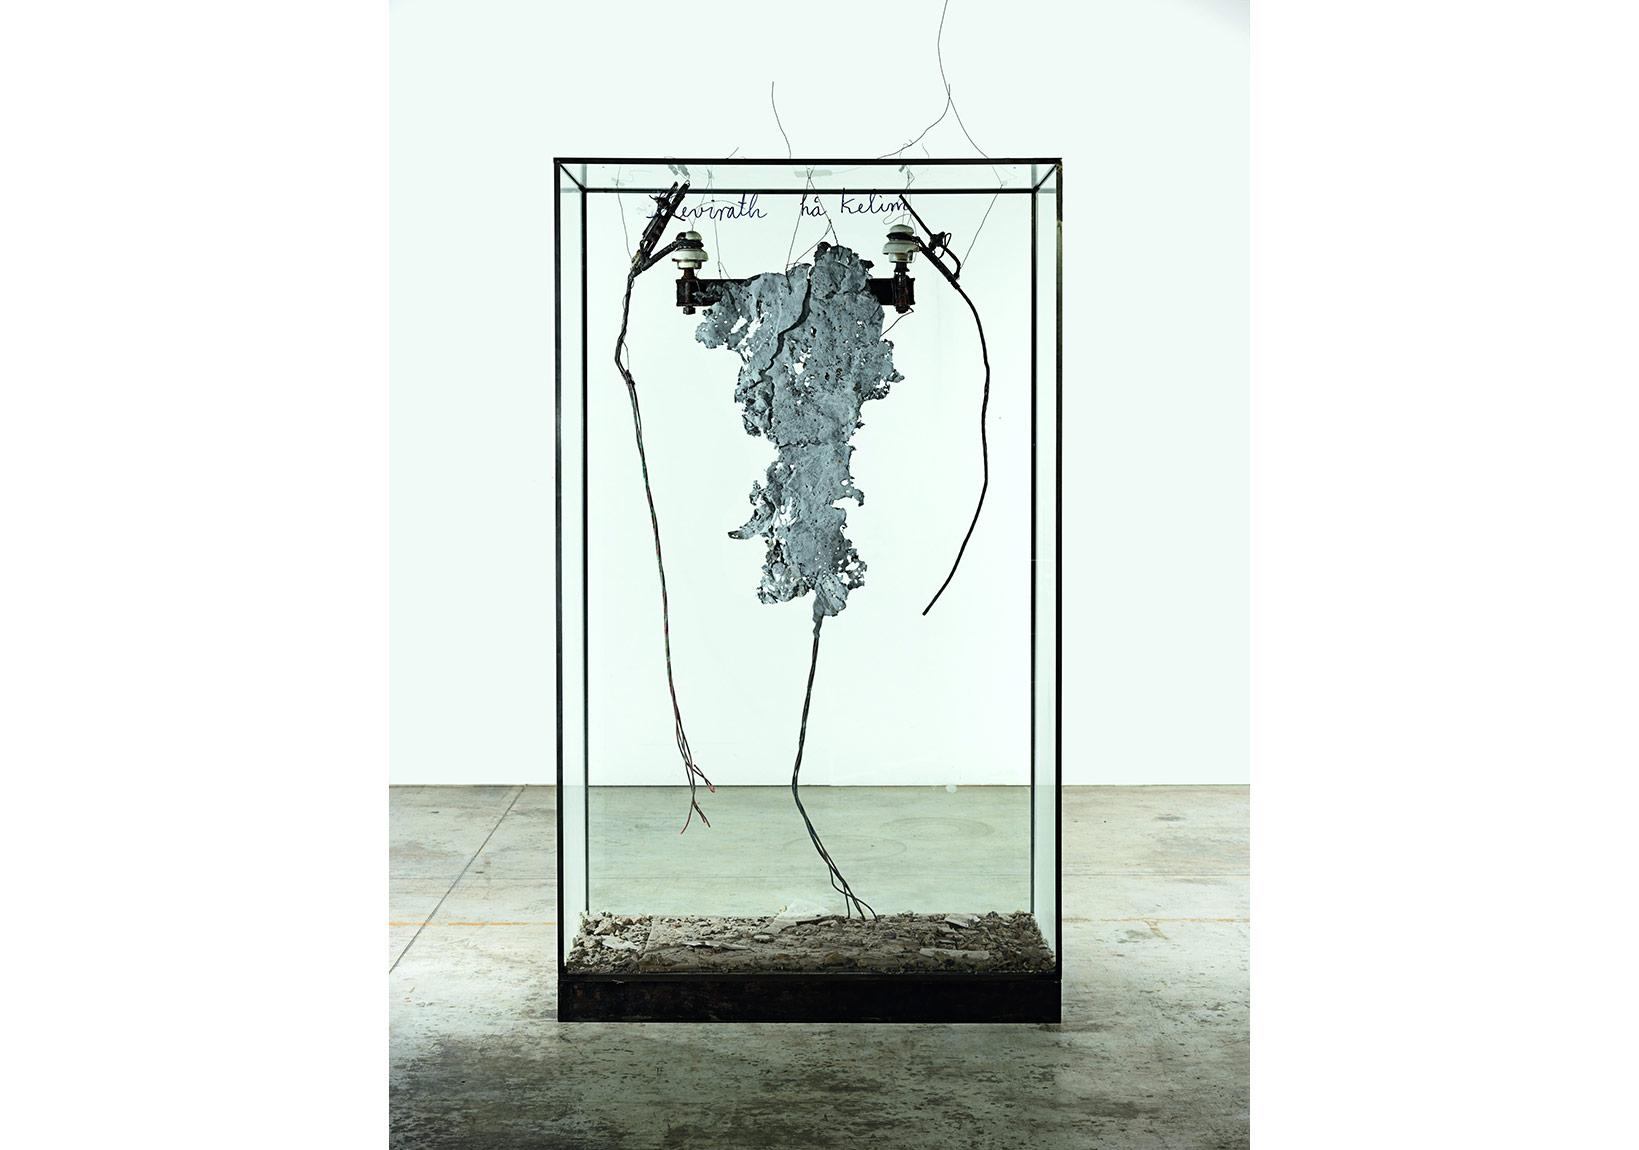 Shevirath ha Kelim [La Brisure des vases], 2015 Verre, métal, plomb, céramique, cendres et encre 210 x 121 x 50,5 cmCollection particulièrePhoto : © Georges Poncet